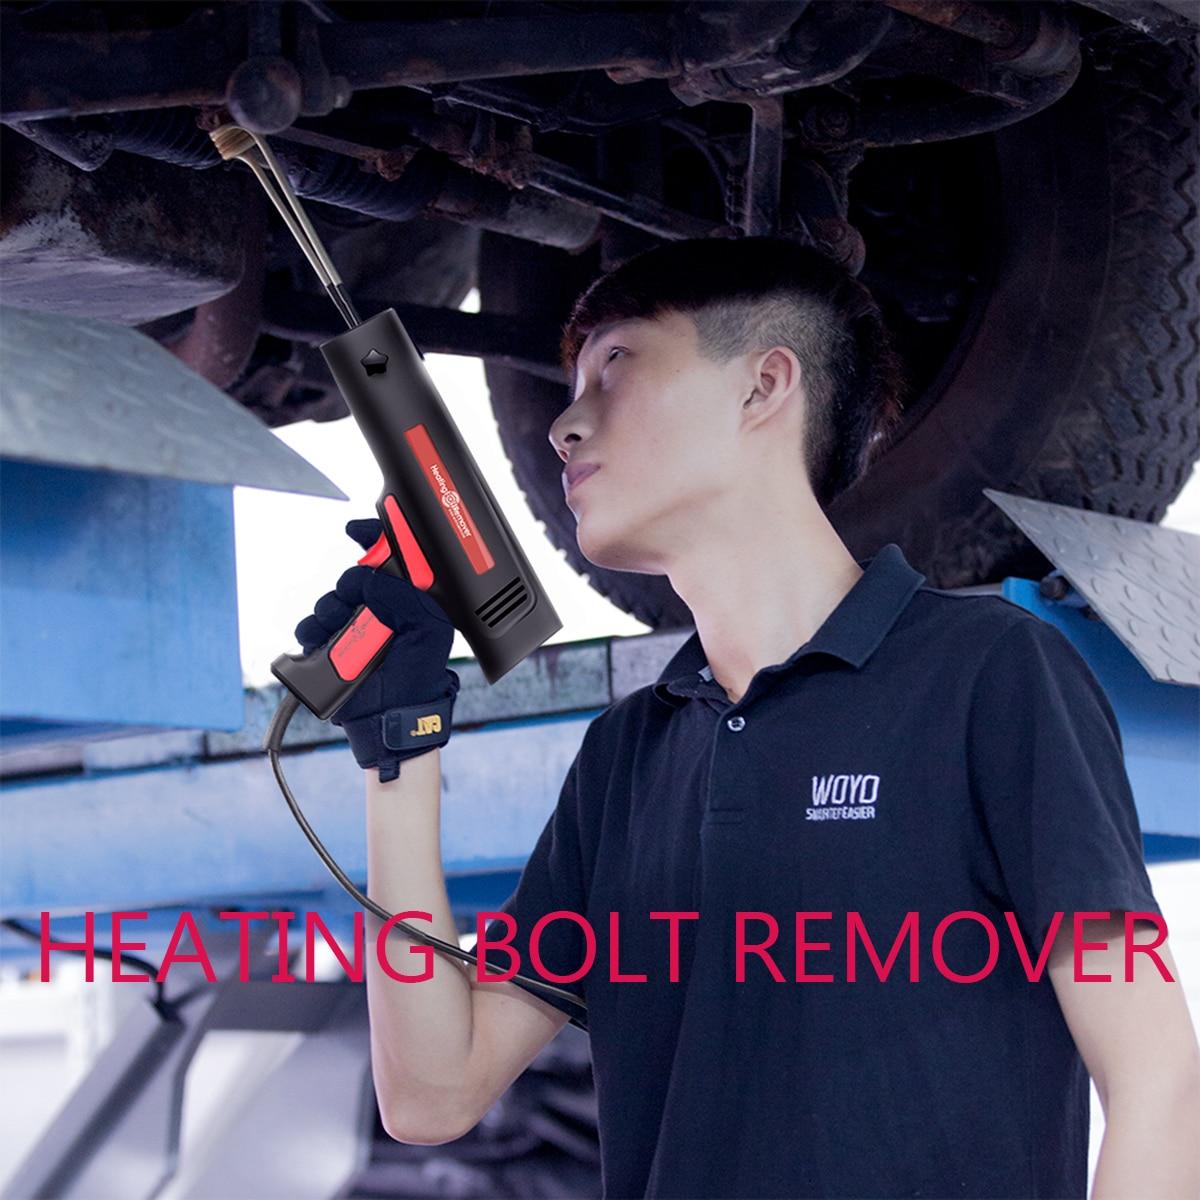 Riscaldatore A Induzione magnetica Kit Per Il Settore Automobilistico Senza Fiamma di Calore 12V-110-220V Riparazione Auto Riscaldamento Bullone di Rimozione